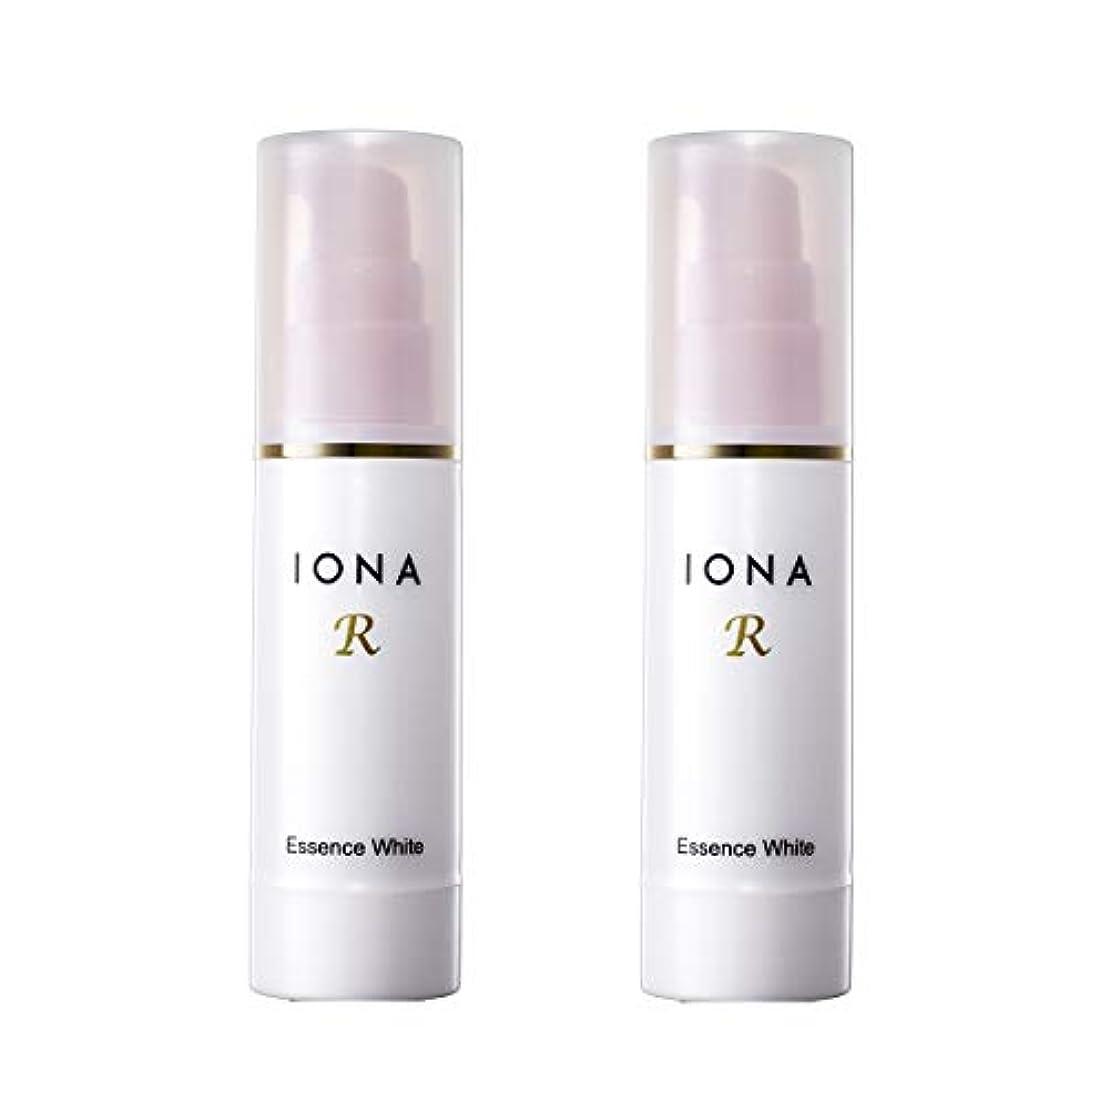 先住民ラジカル酸っぱいイオナR エッセンスホワイト 美容液 2個セット 【通常価格より20%OFF】高機能ビタミンC配合美容液 IONA R イオナアール イオナのビタミンC